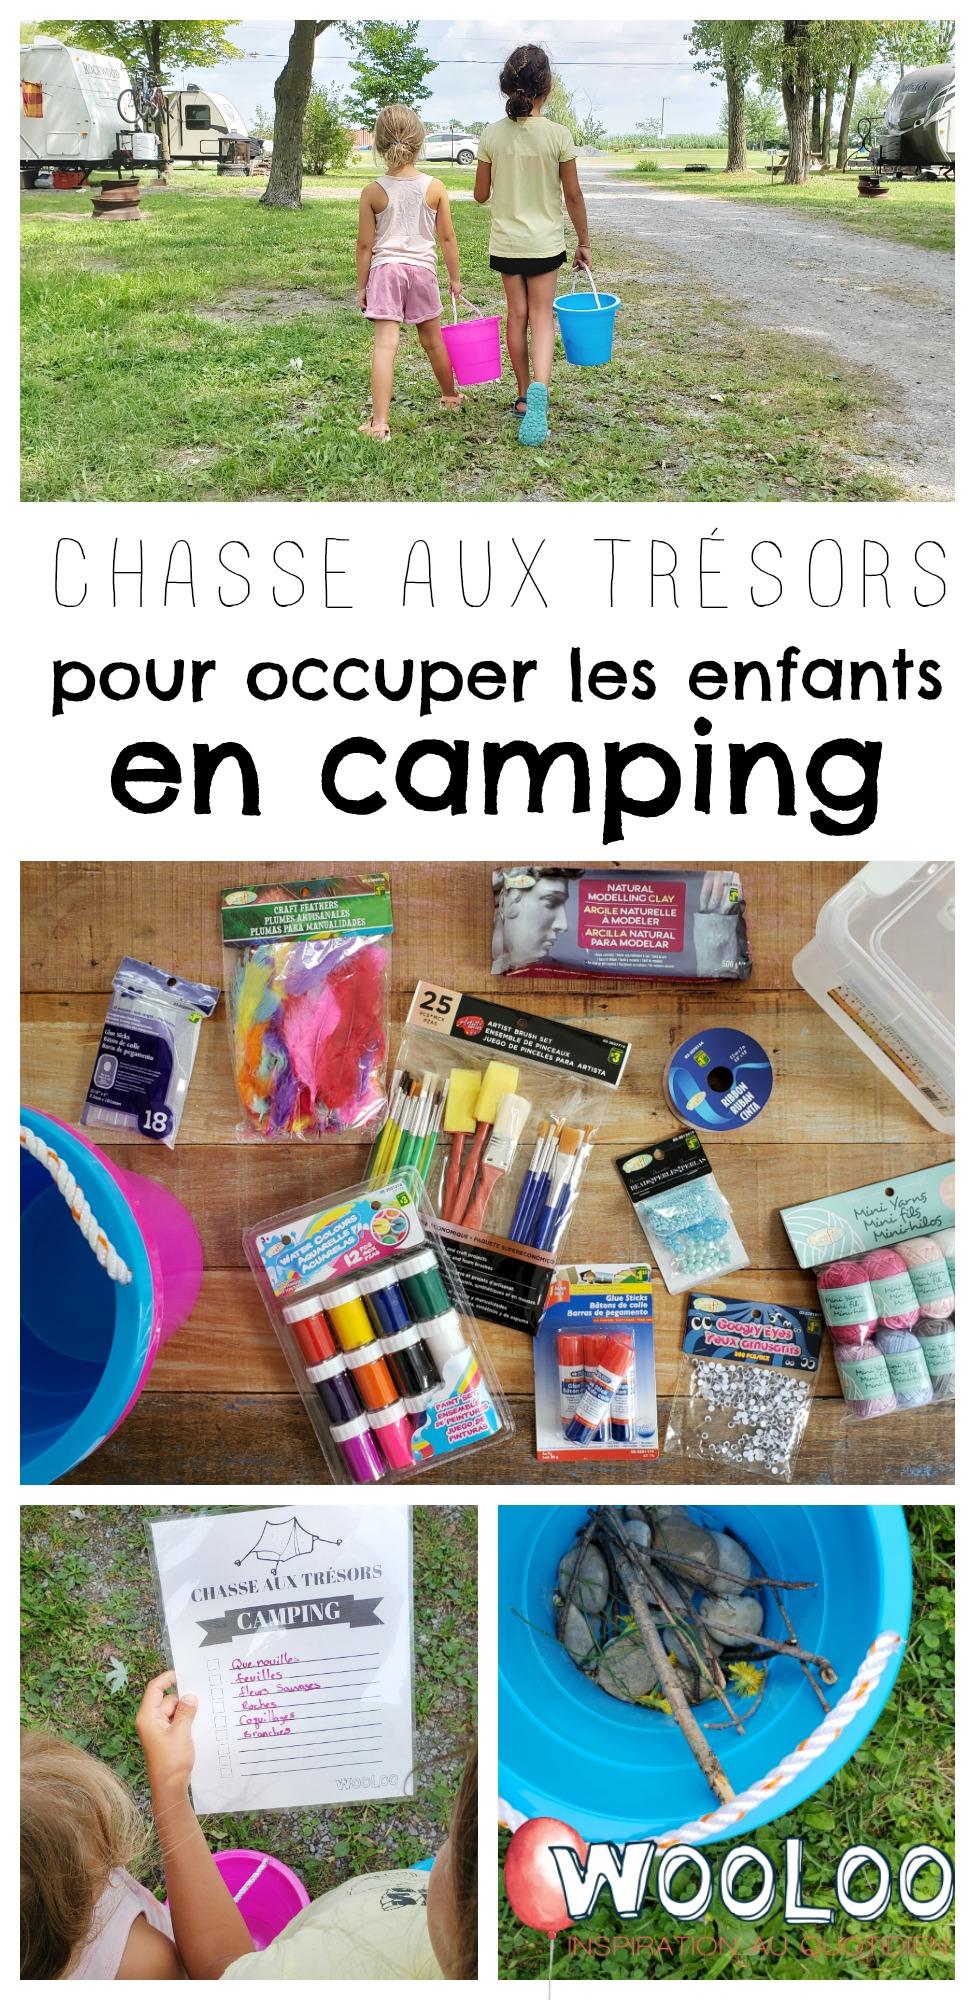 chasse aux trésors en camping wooloo